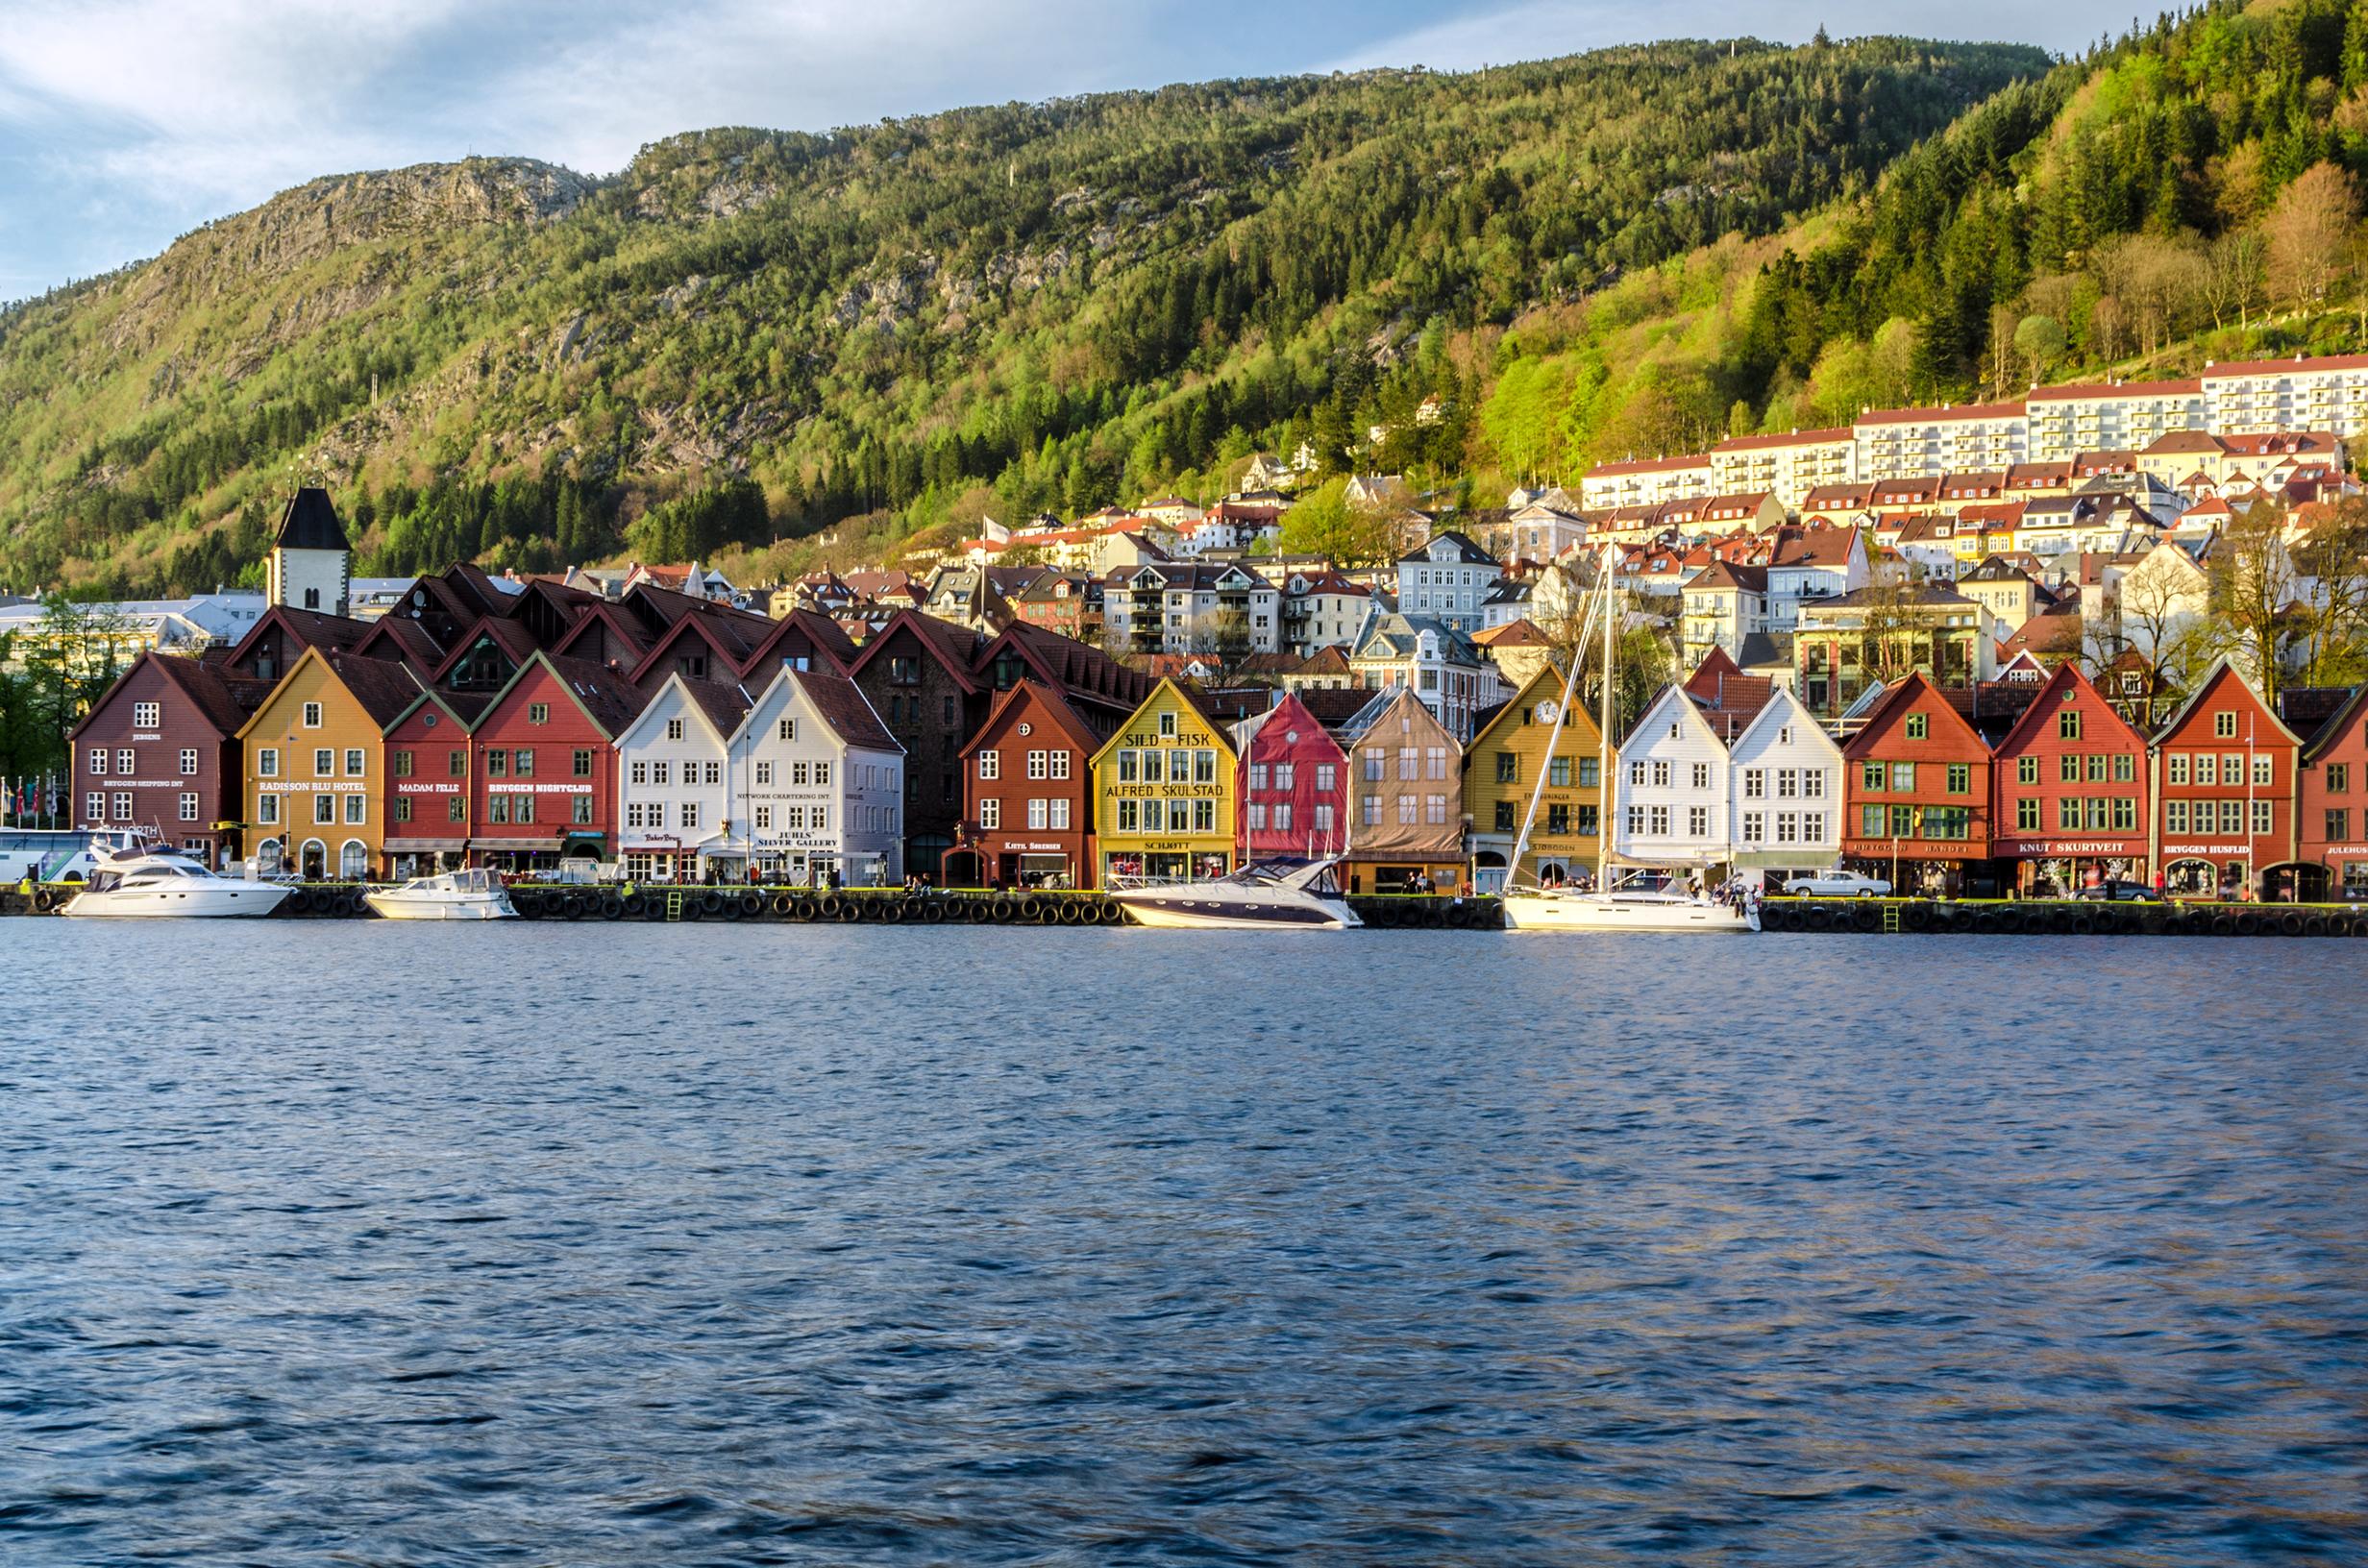 le quai de bryggen ville de bergen en norv ge herdroud laetitia. Black Bedroom Furniture Sets. Home Design Ideas